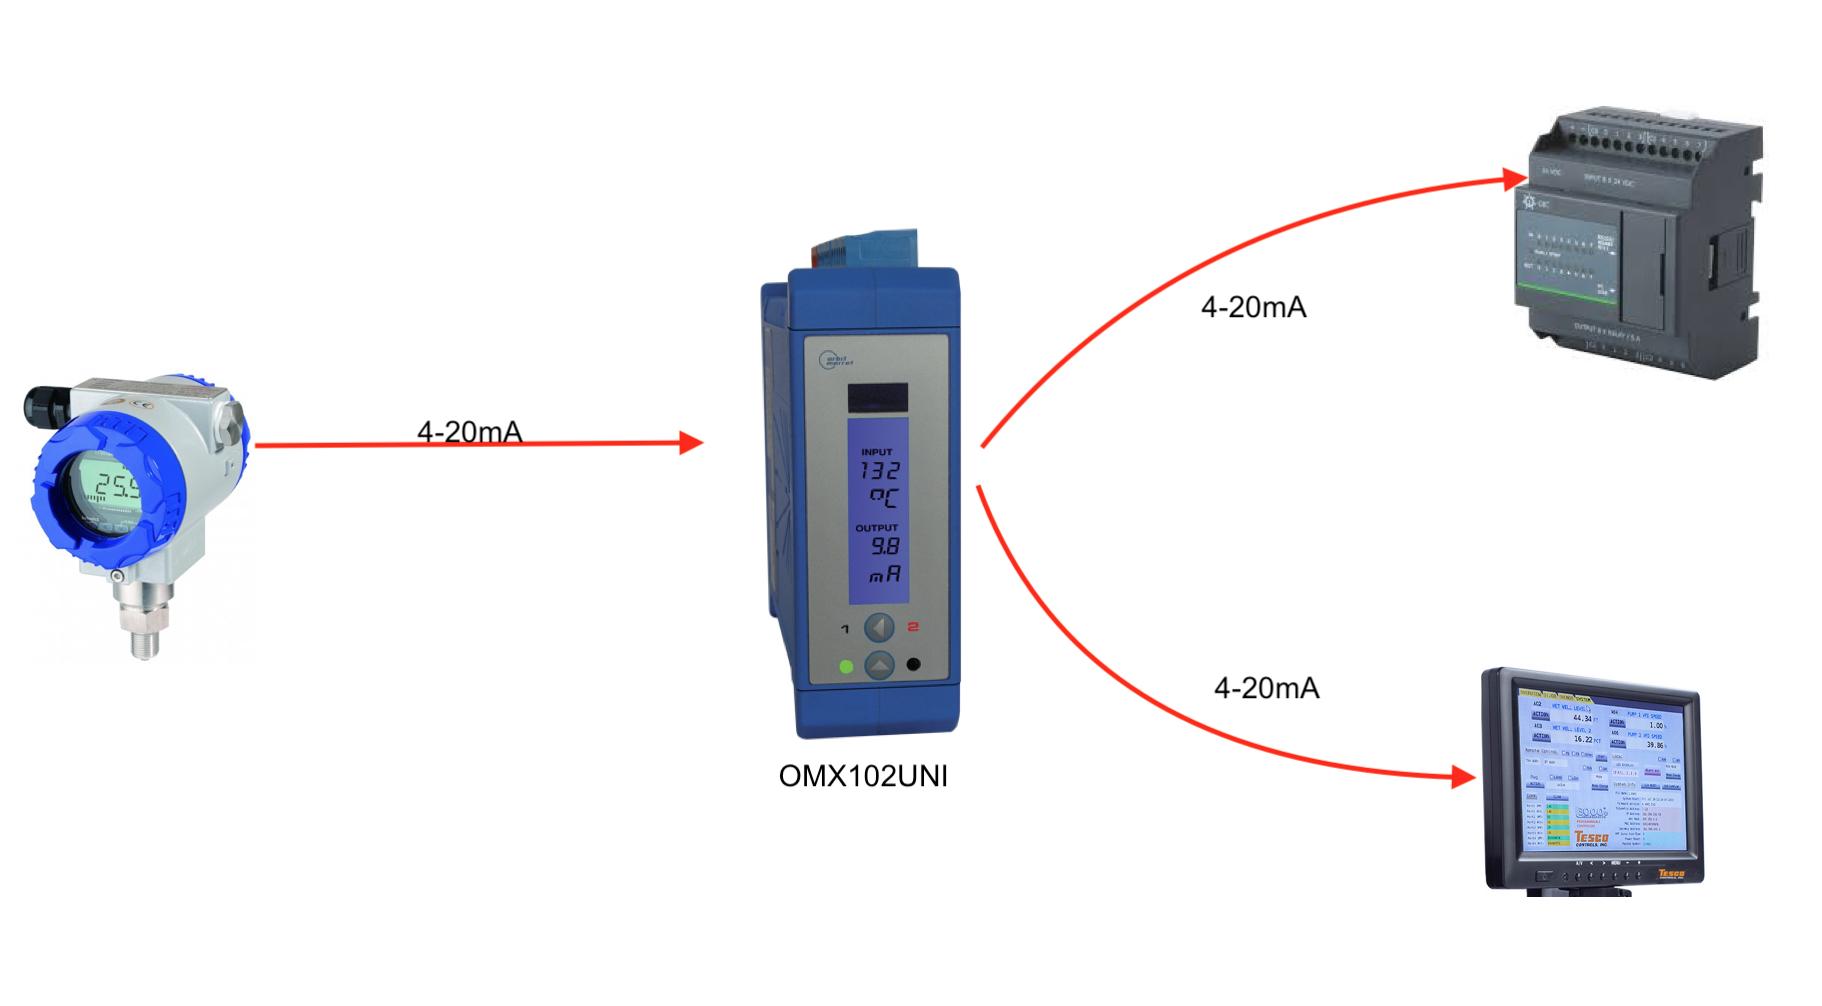 Ứng dụng bộ chia dòng 4-20mA